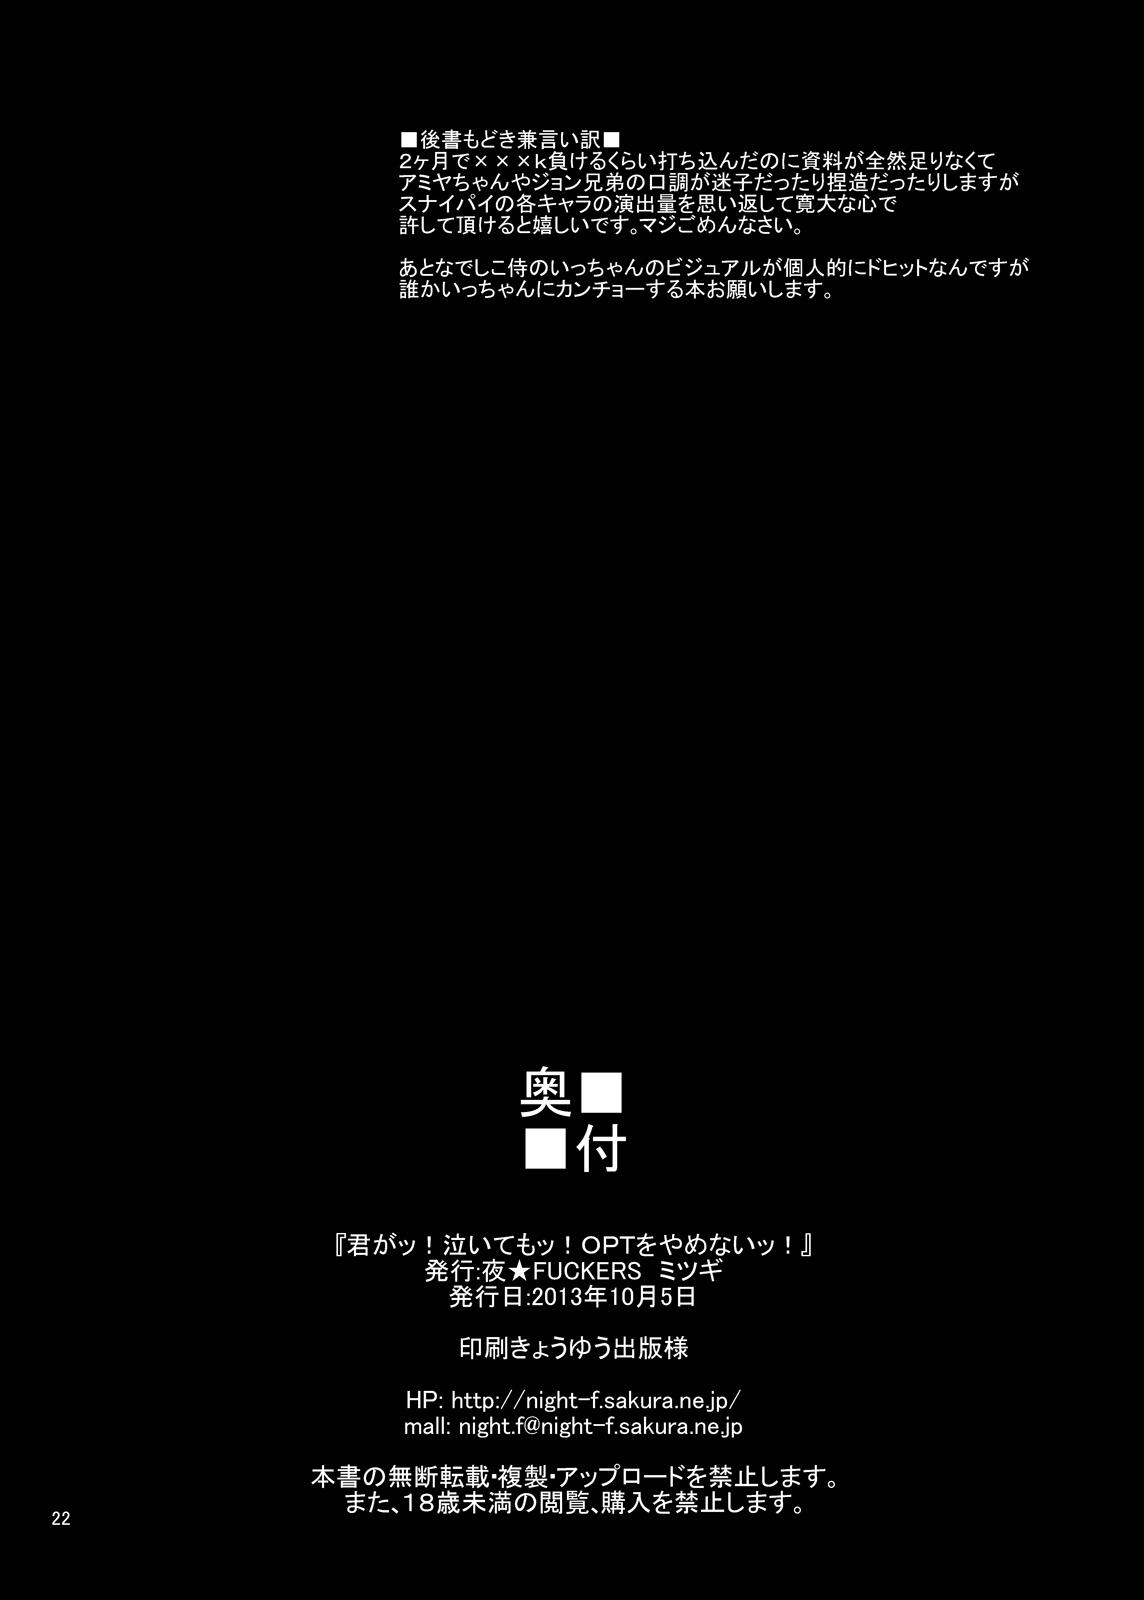 PachiSuro-kei Doujinshi Matome Pack 40